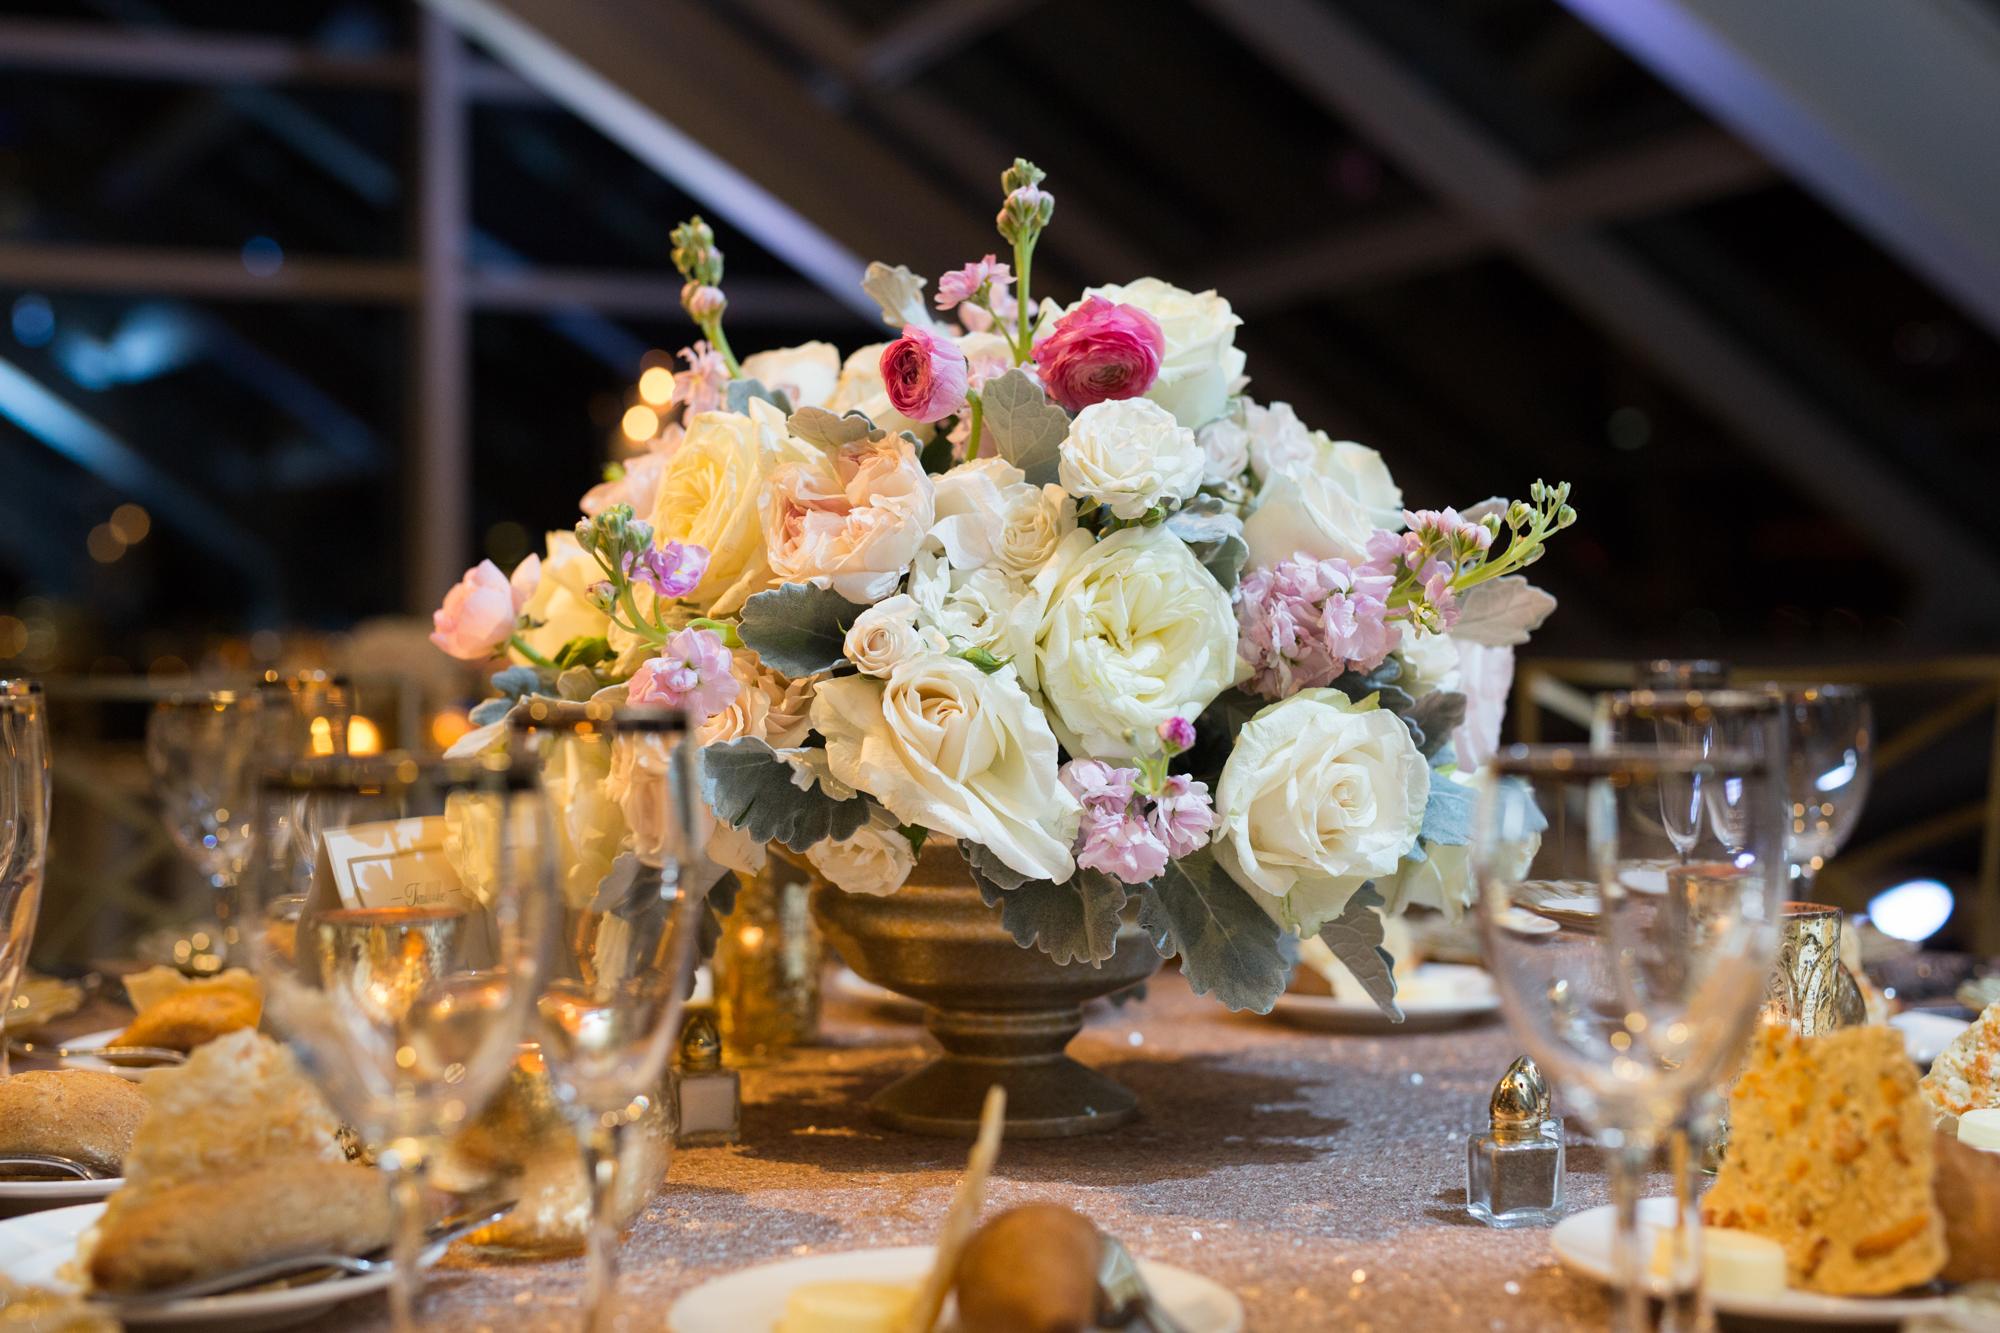 Wedding florals at Adler Planetarium by HMR Designs